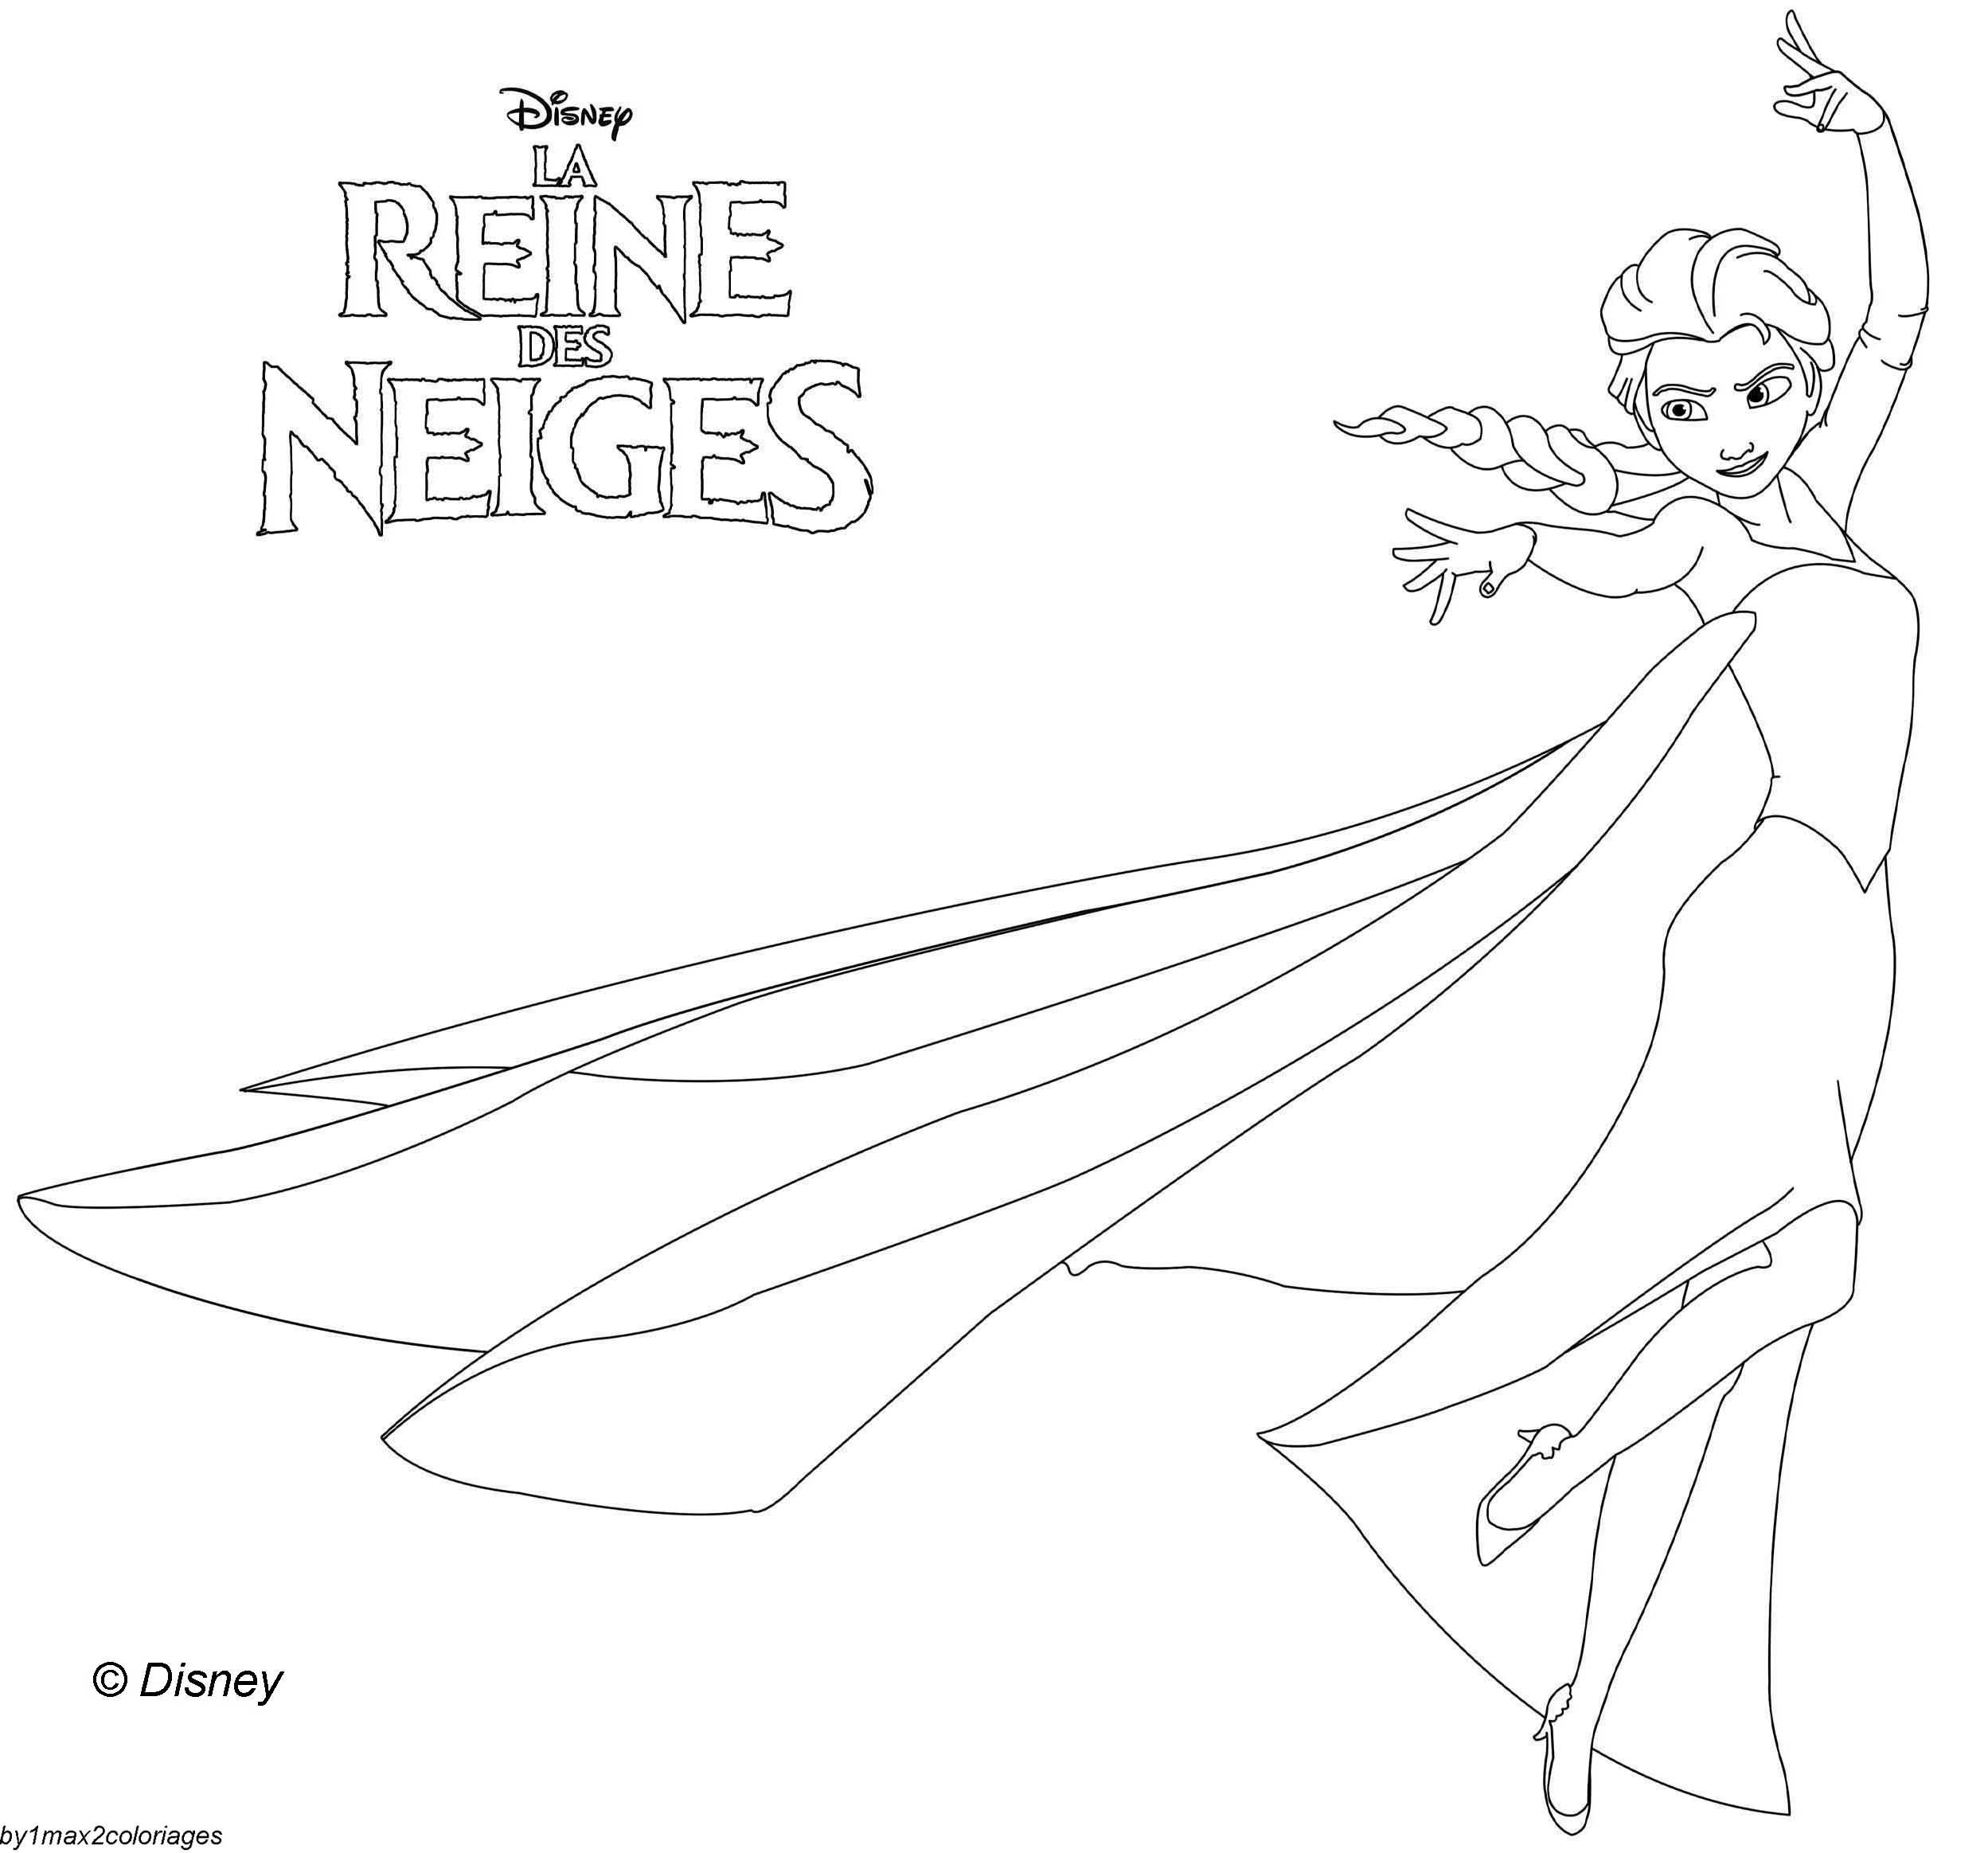 Coloriage Des Personnages Disney La Reine Des Neiges Elsa La